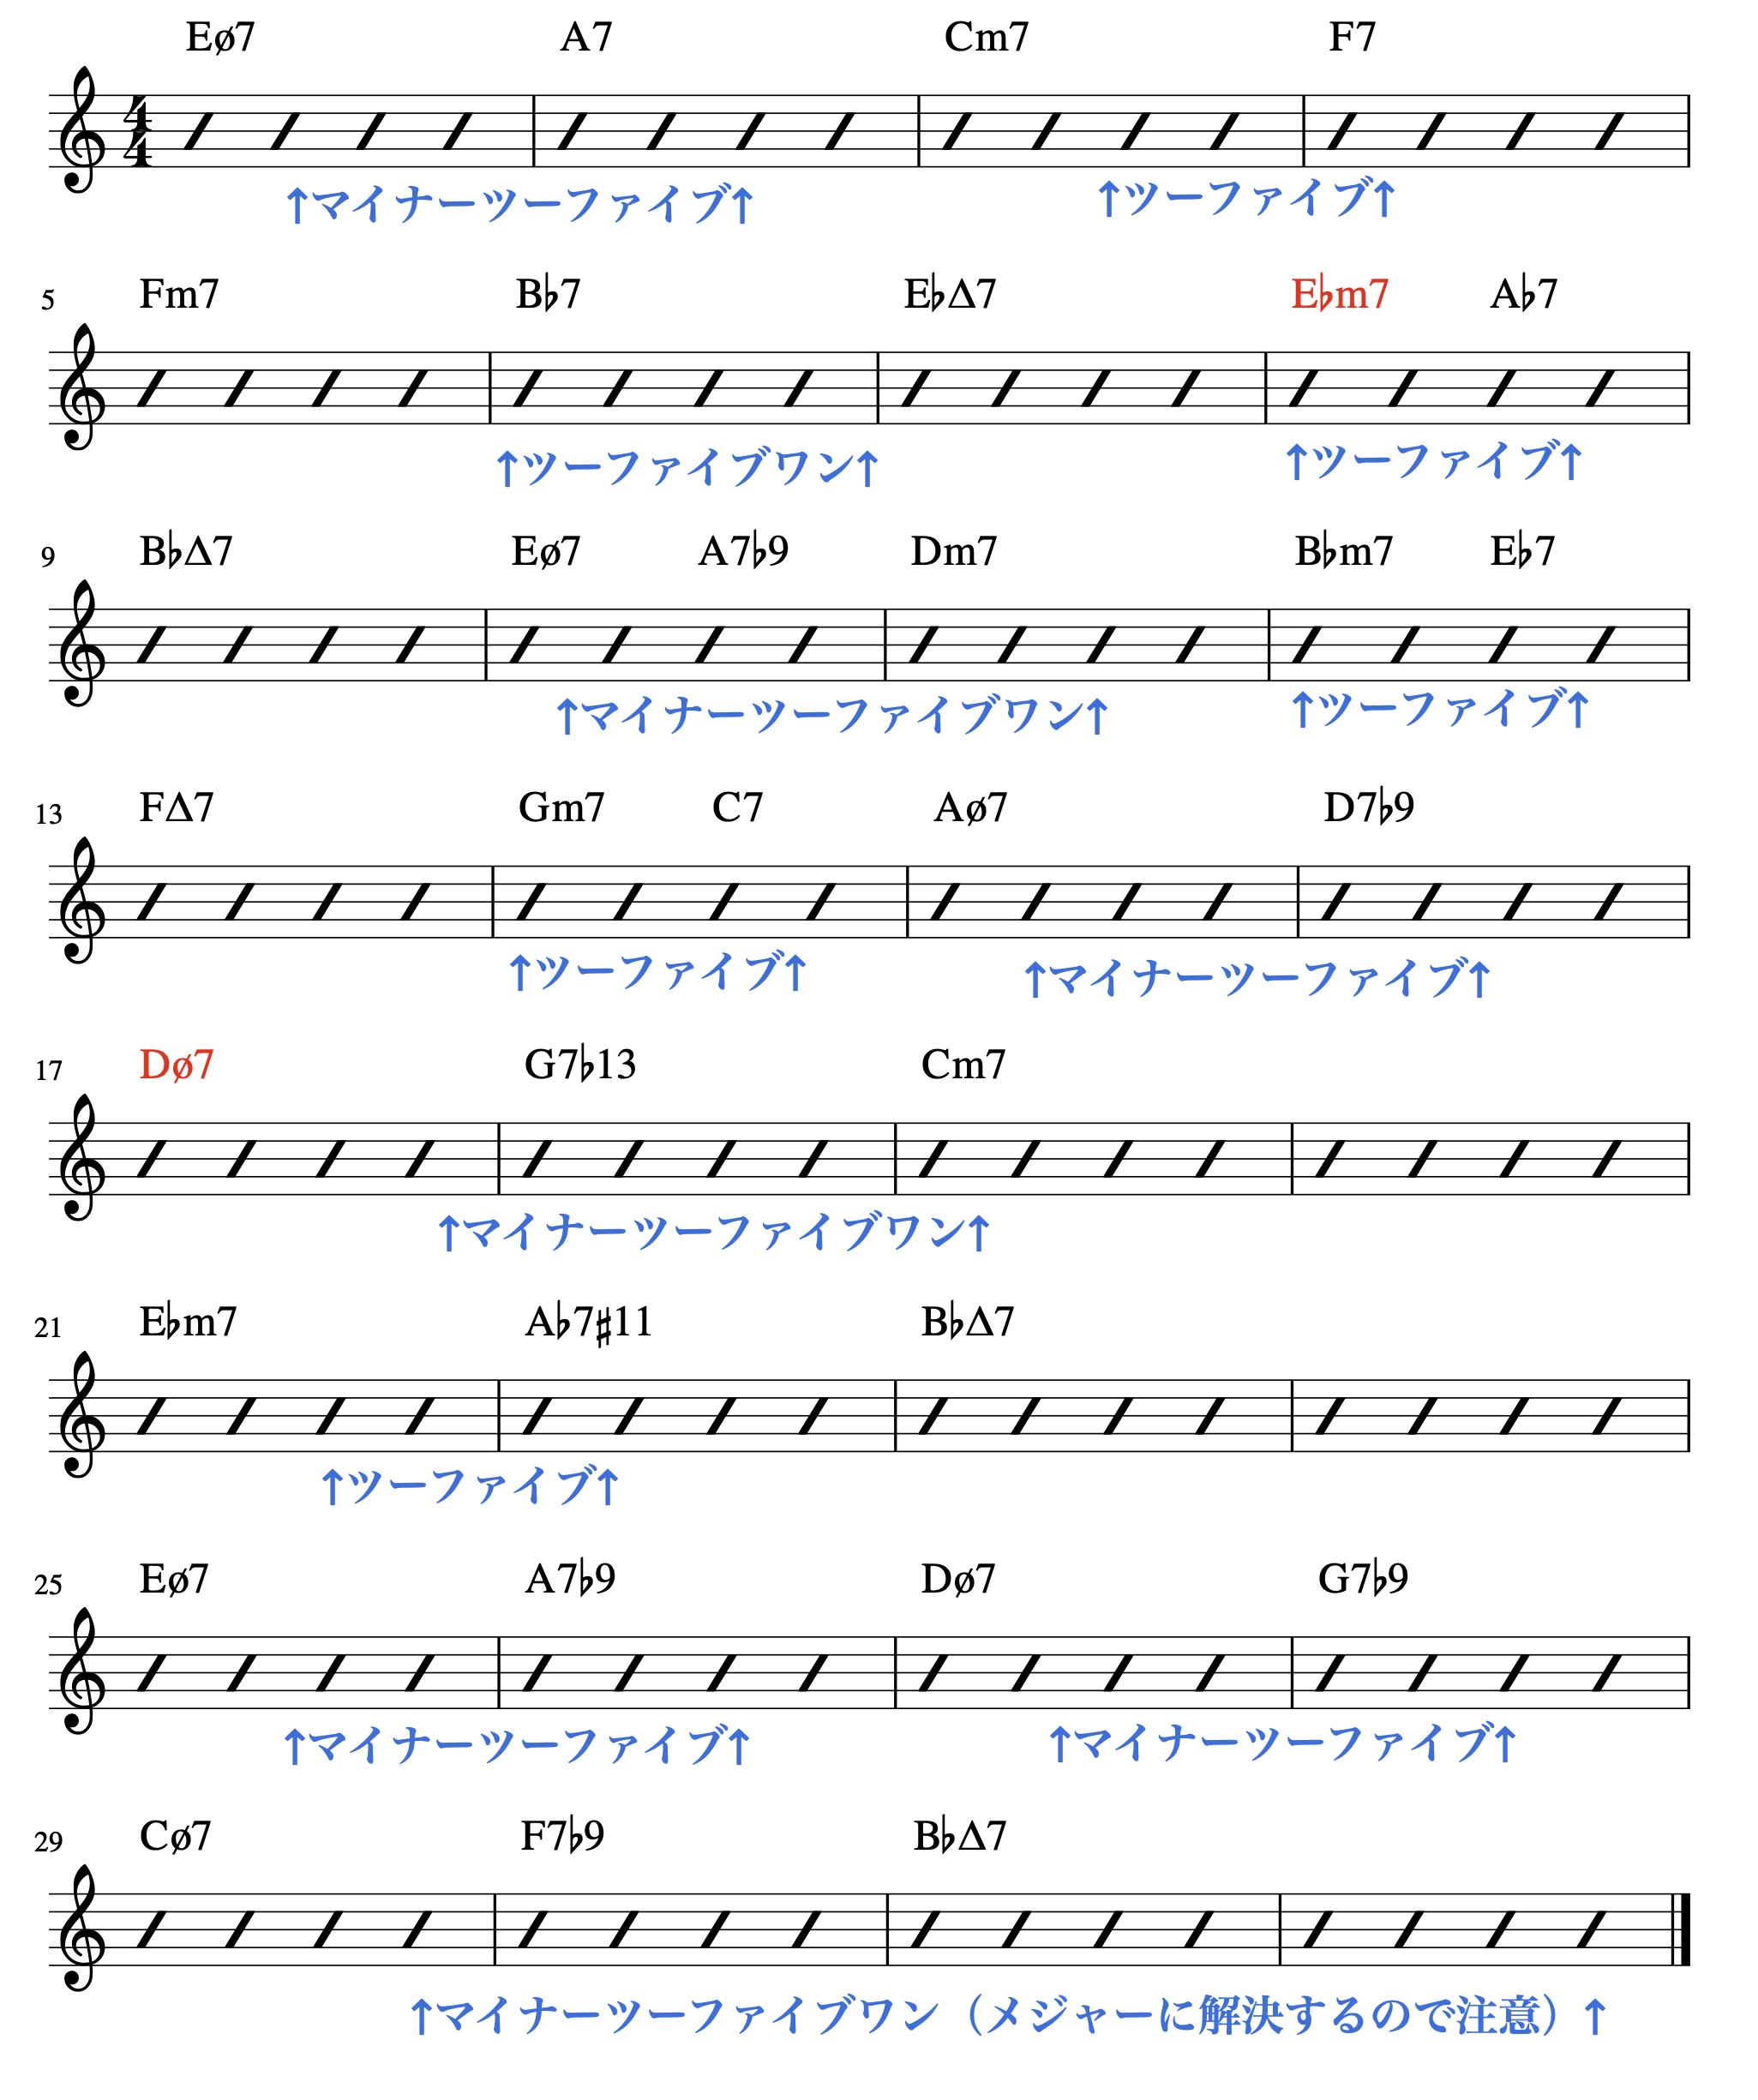 stella-chords-1